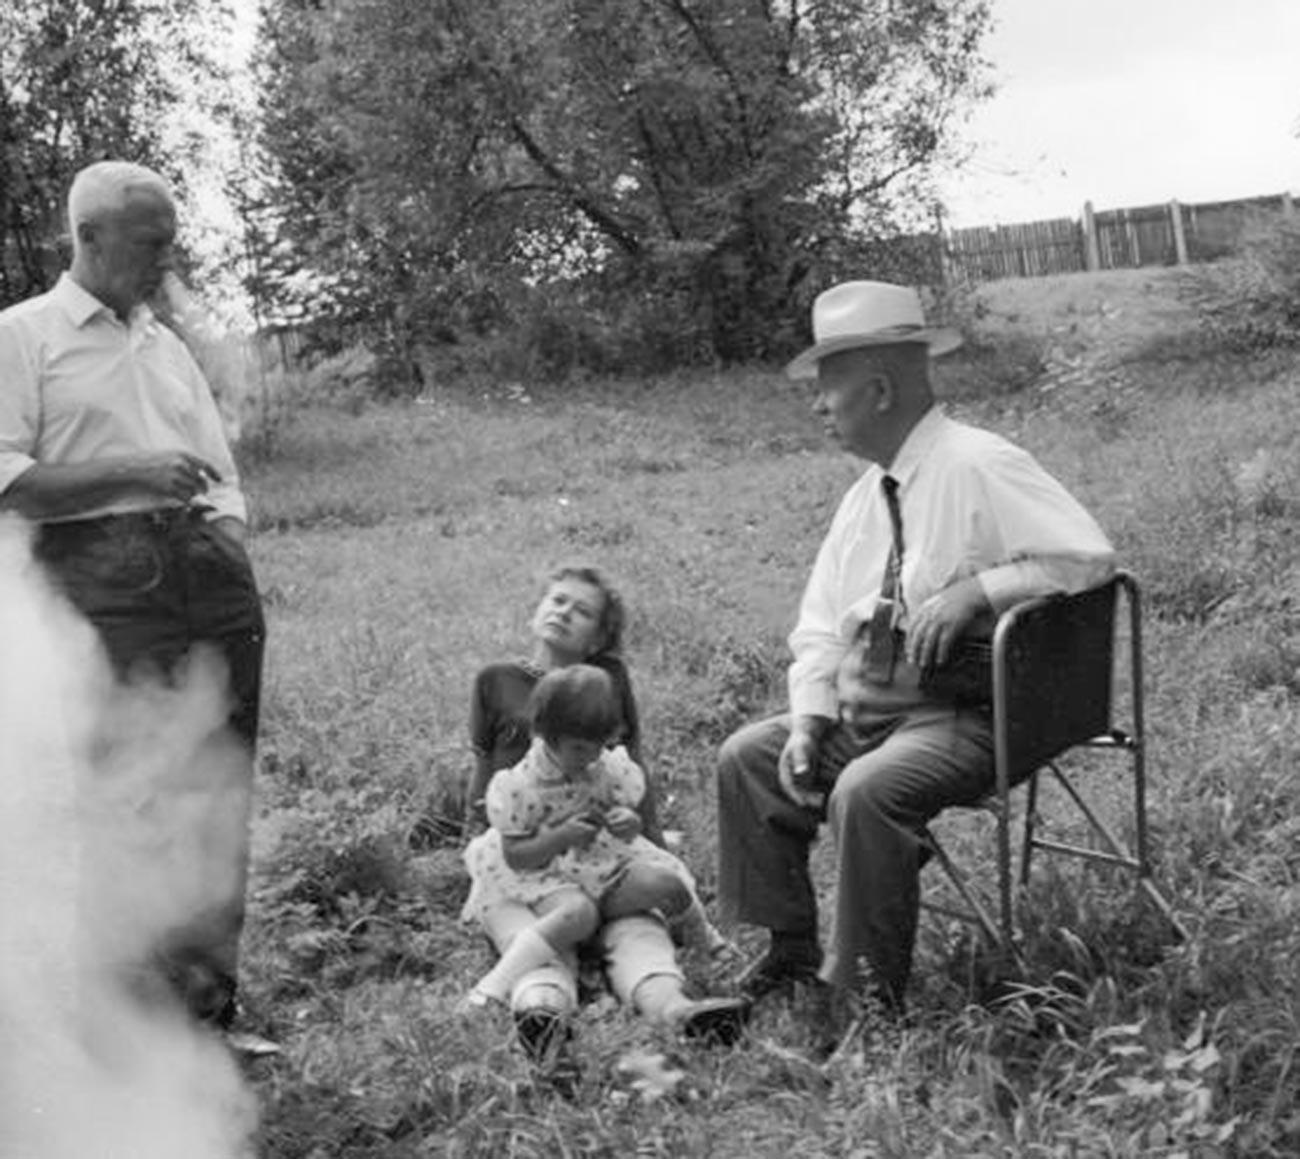 Chruschtschow, Regisseur Roman Karmen und eine unbekannte Frau mit einem Kind